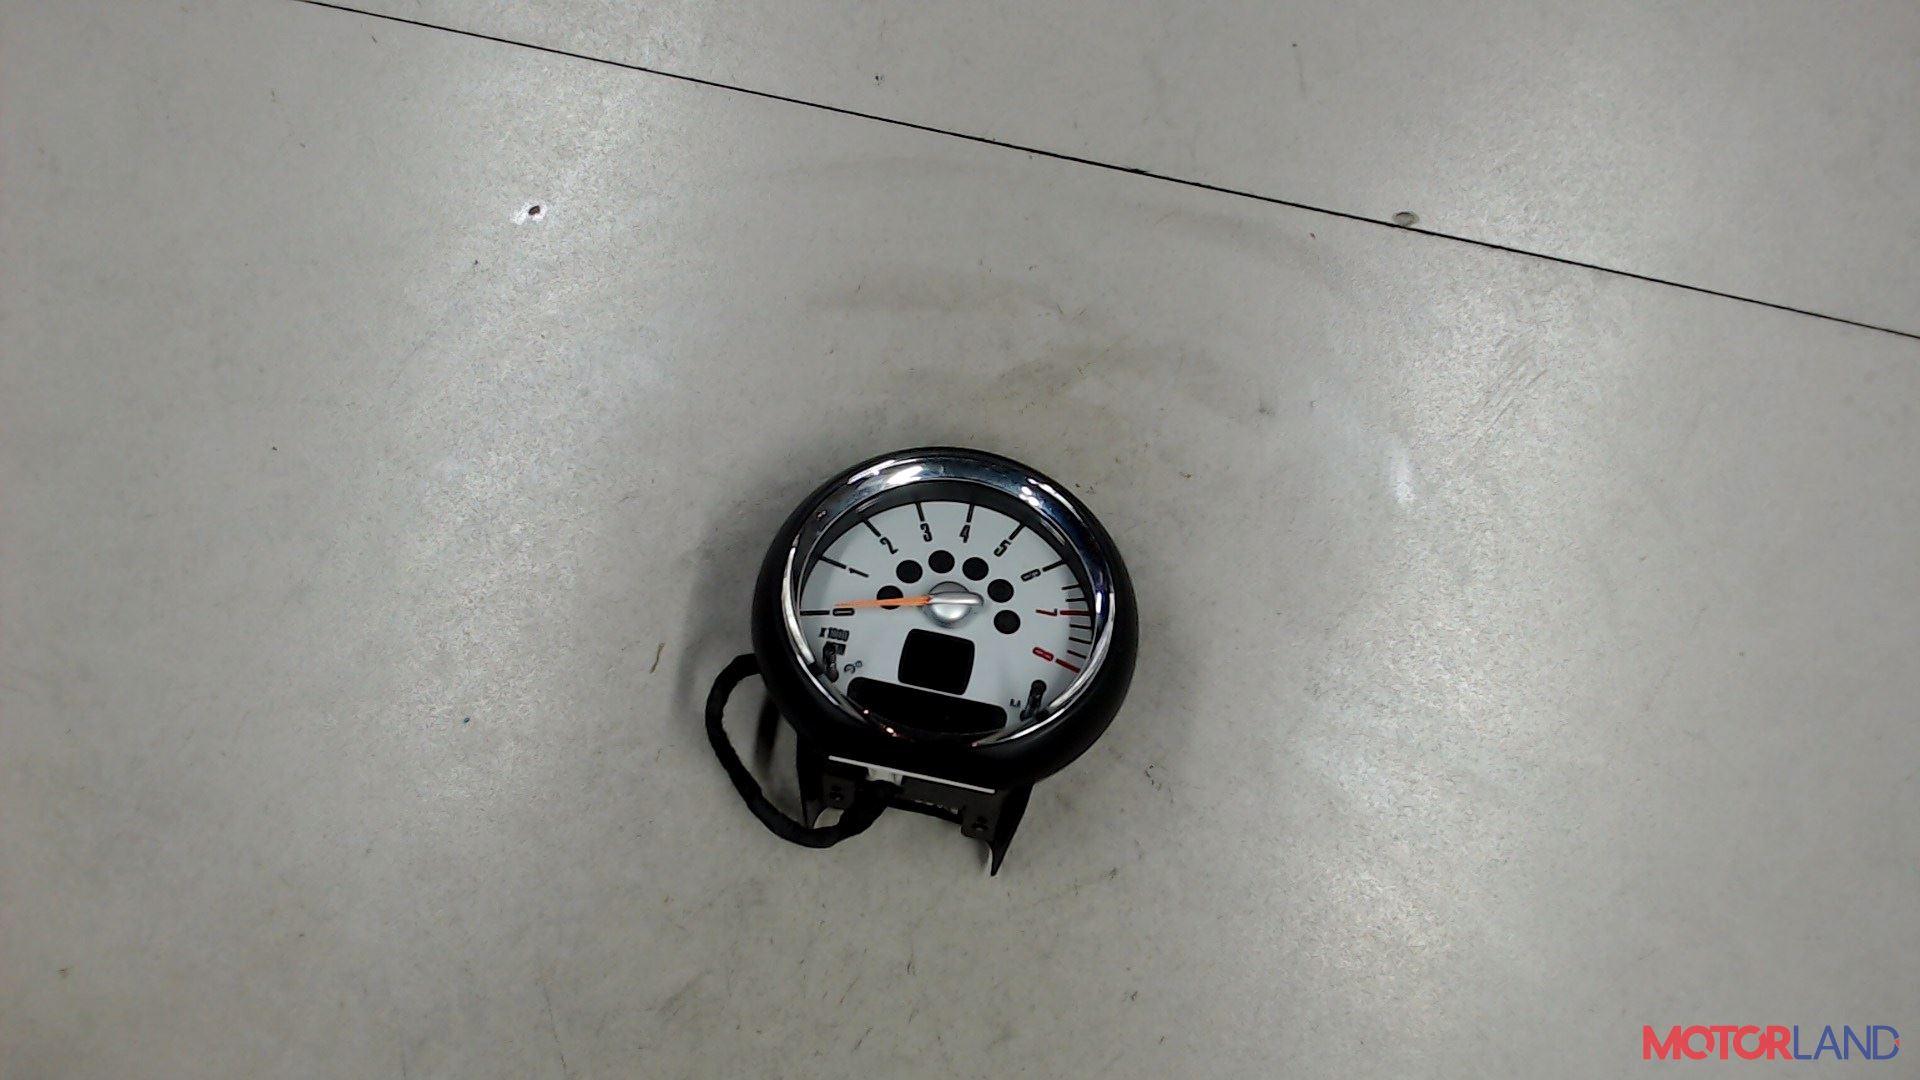 Щиток приборов (приборная панель) Mini Clubman 2007-2010, Артикул 5081569 #1